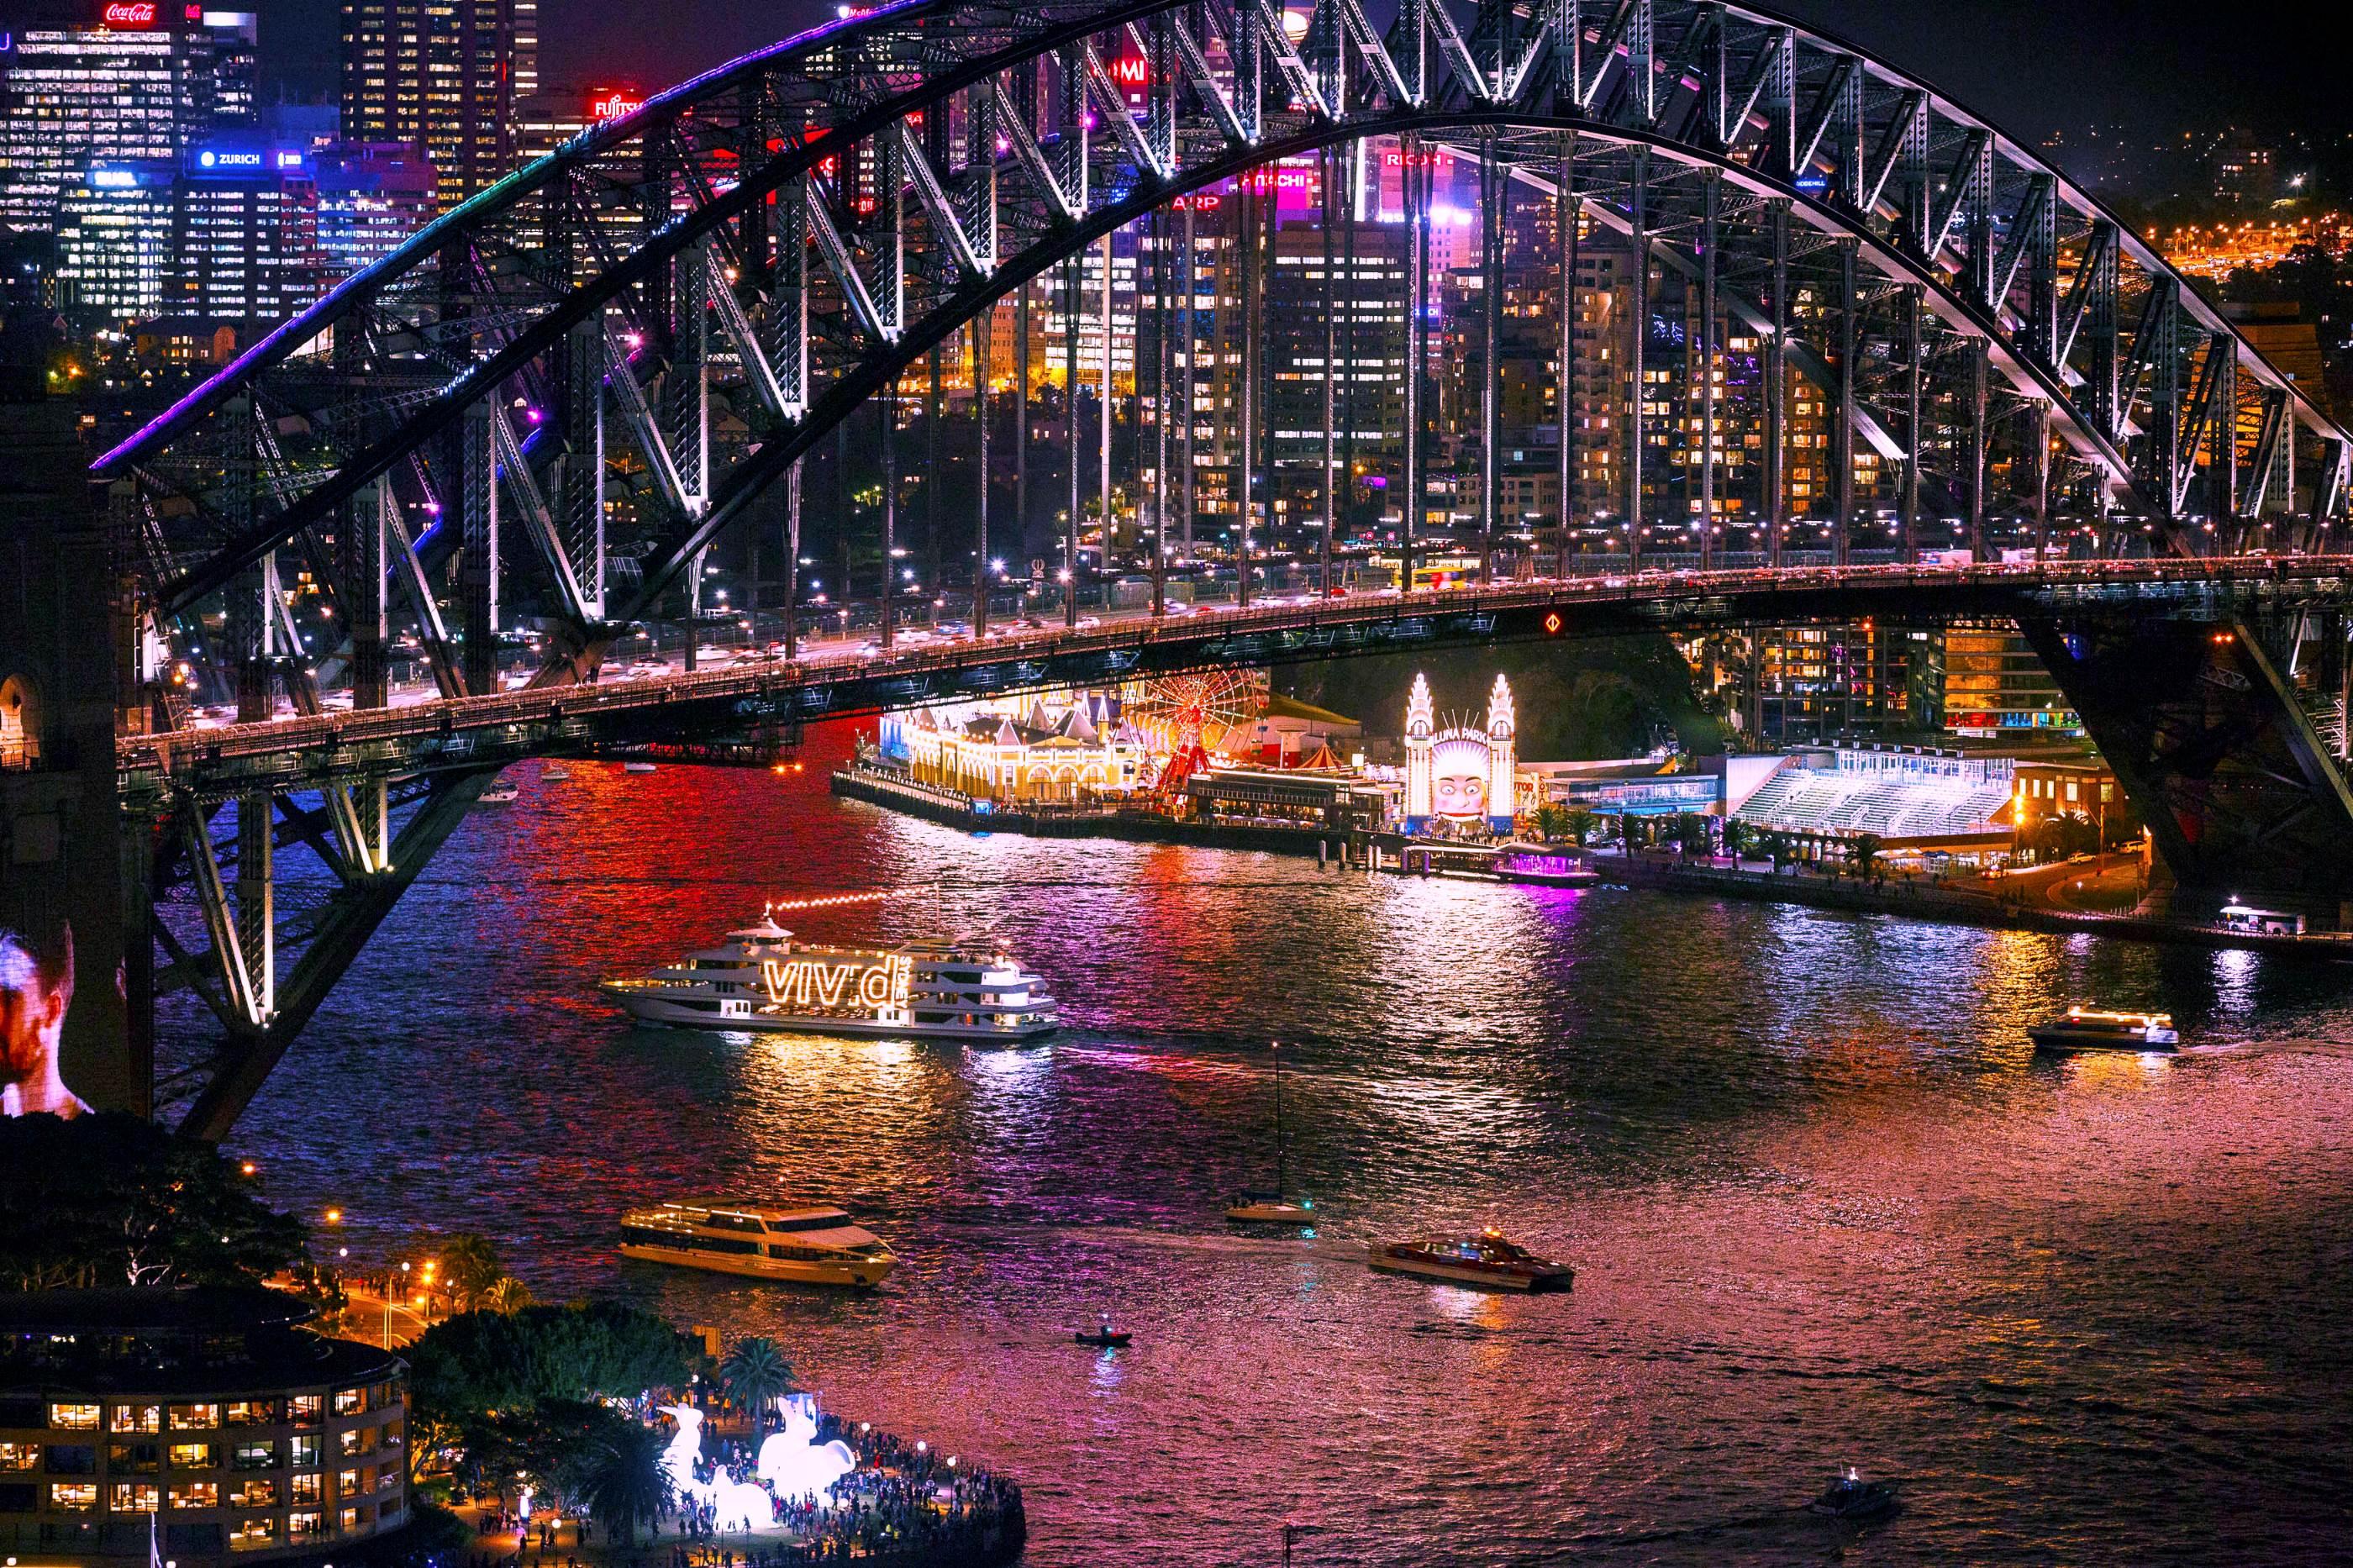 Vivid Sydney悉尼海港1.5小时游船(含三道式晚餐)